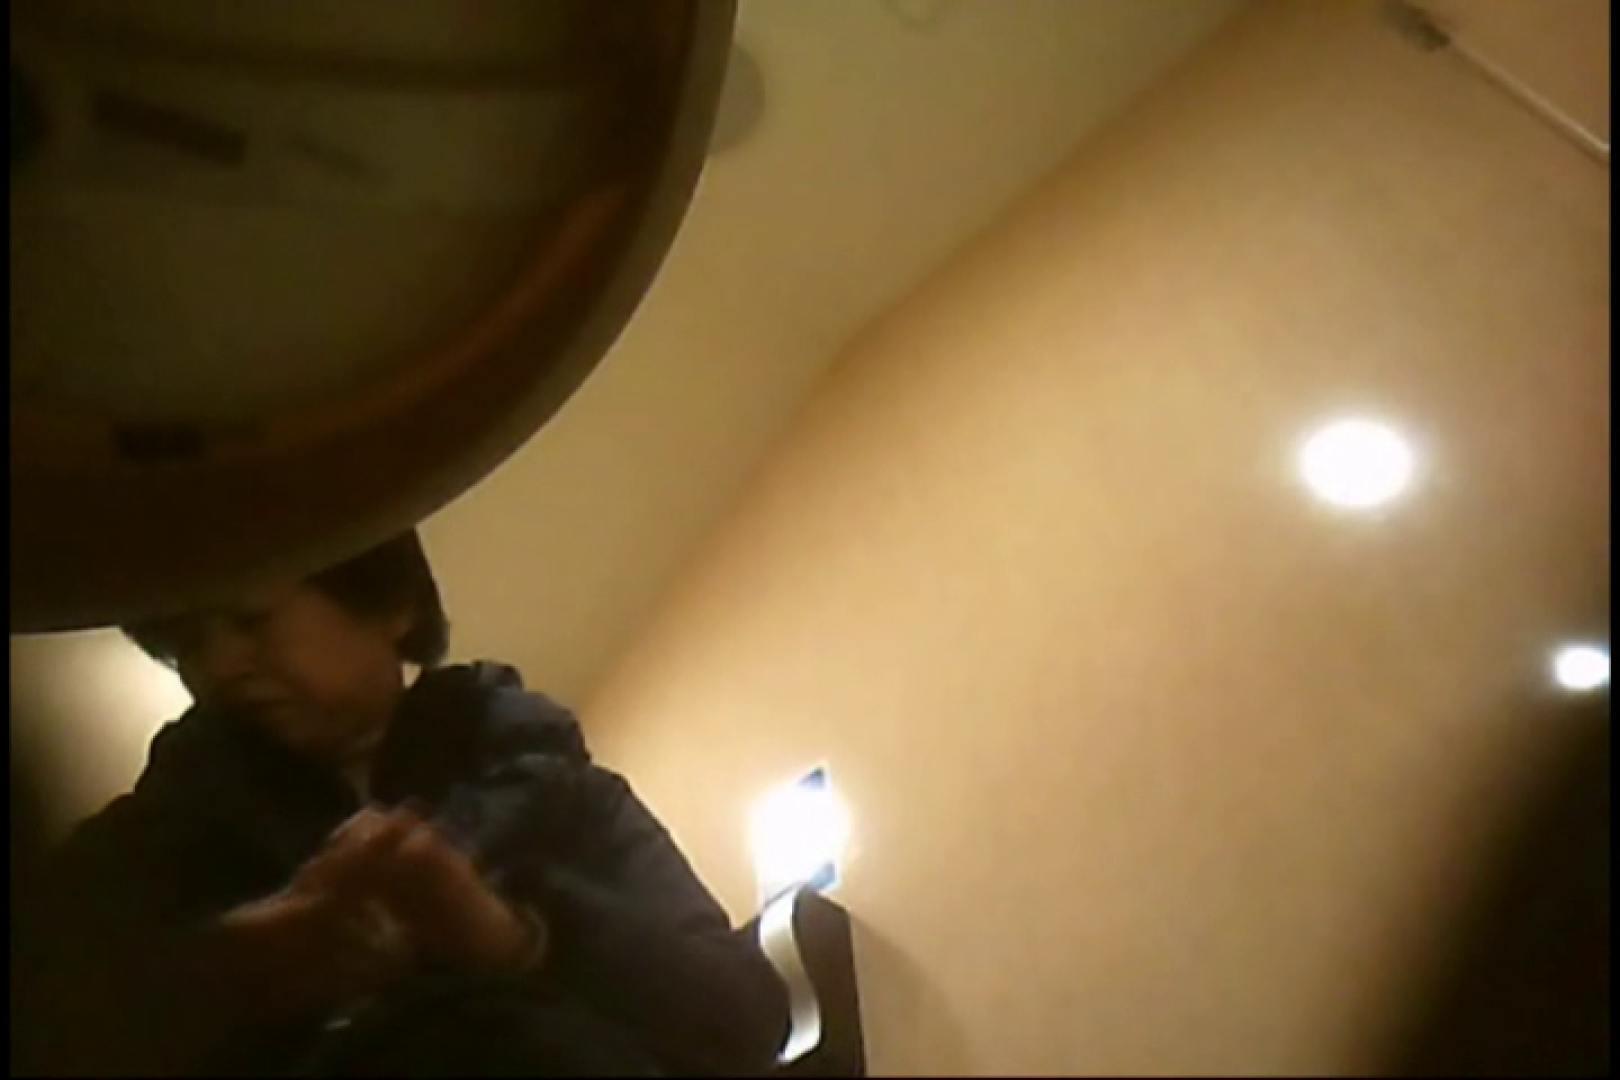 潜入!!女子化粧室盗撮~絶対見られたくない時間~vo,88 熟女のエロ動画 えろ無修正画像 101PIX 101